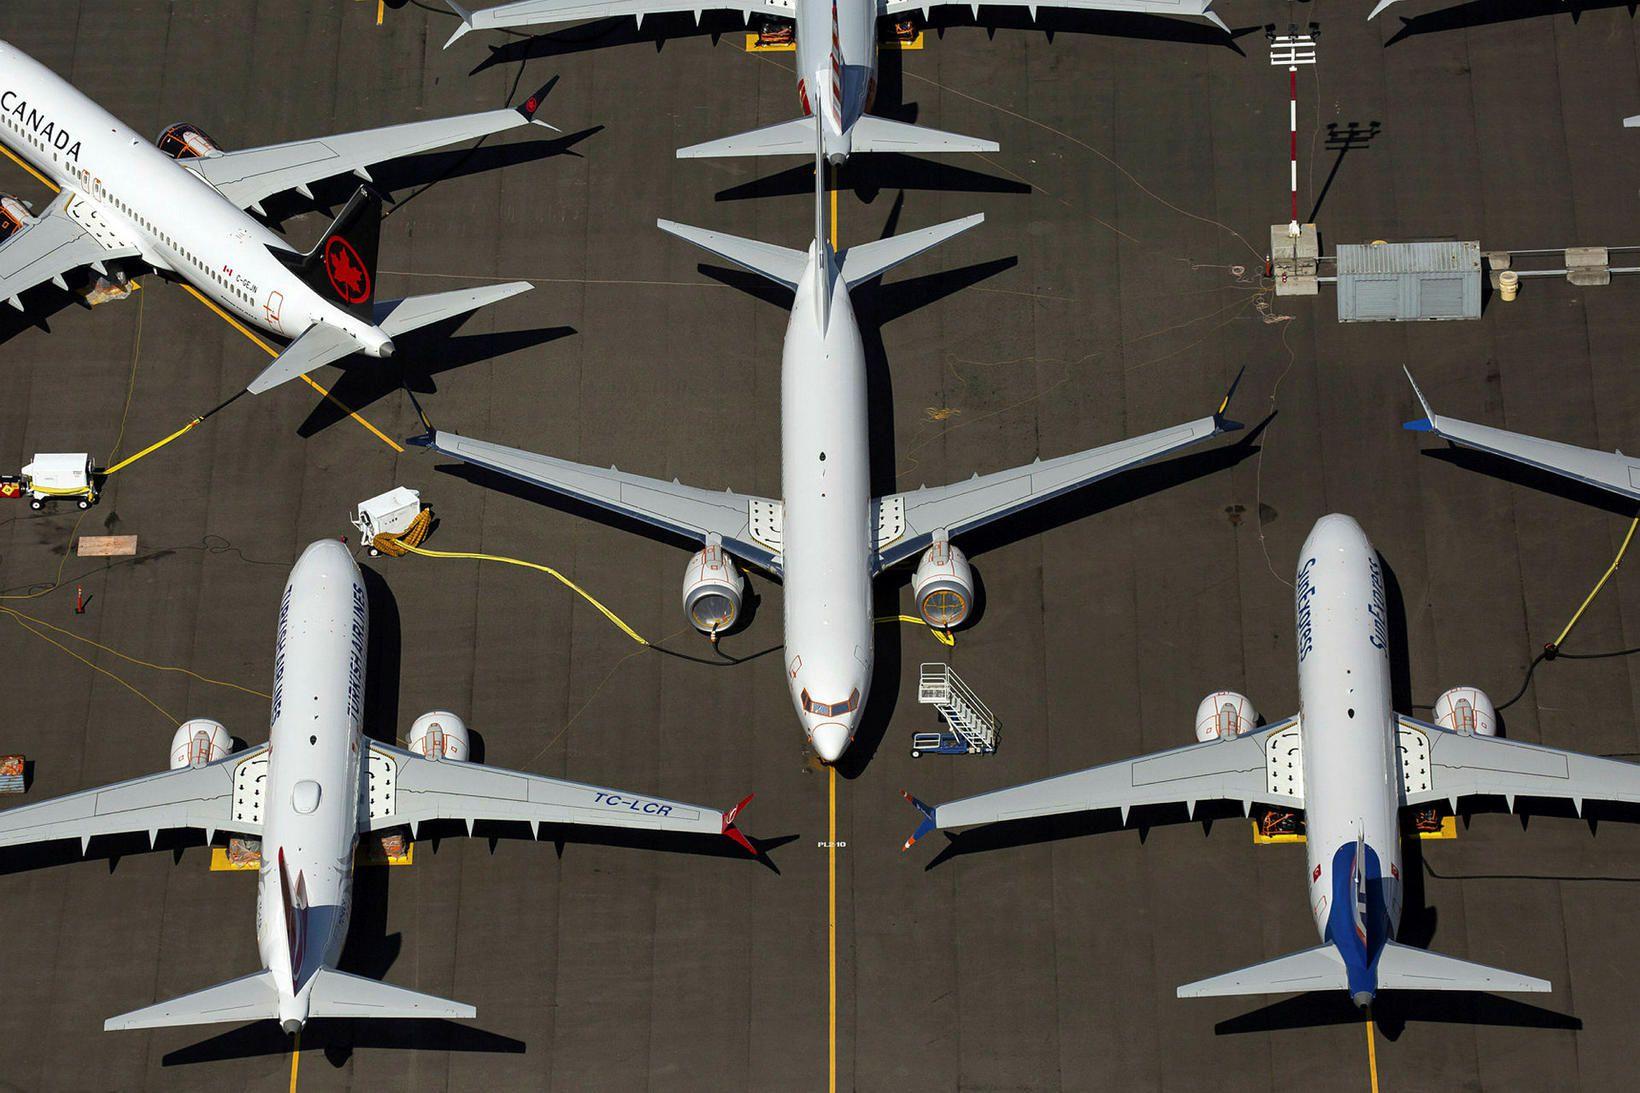 Spurn eftir nýjum Boeing-vélum hefur dregist gríðarlega mikið saman eftir …